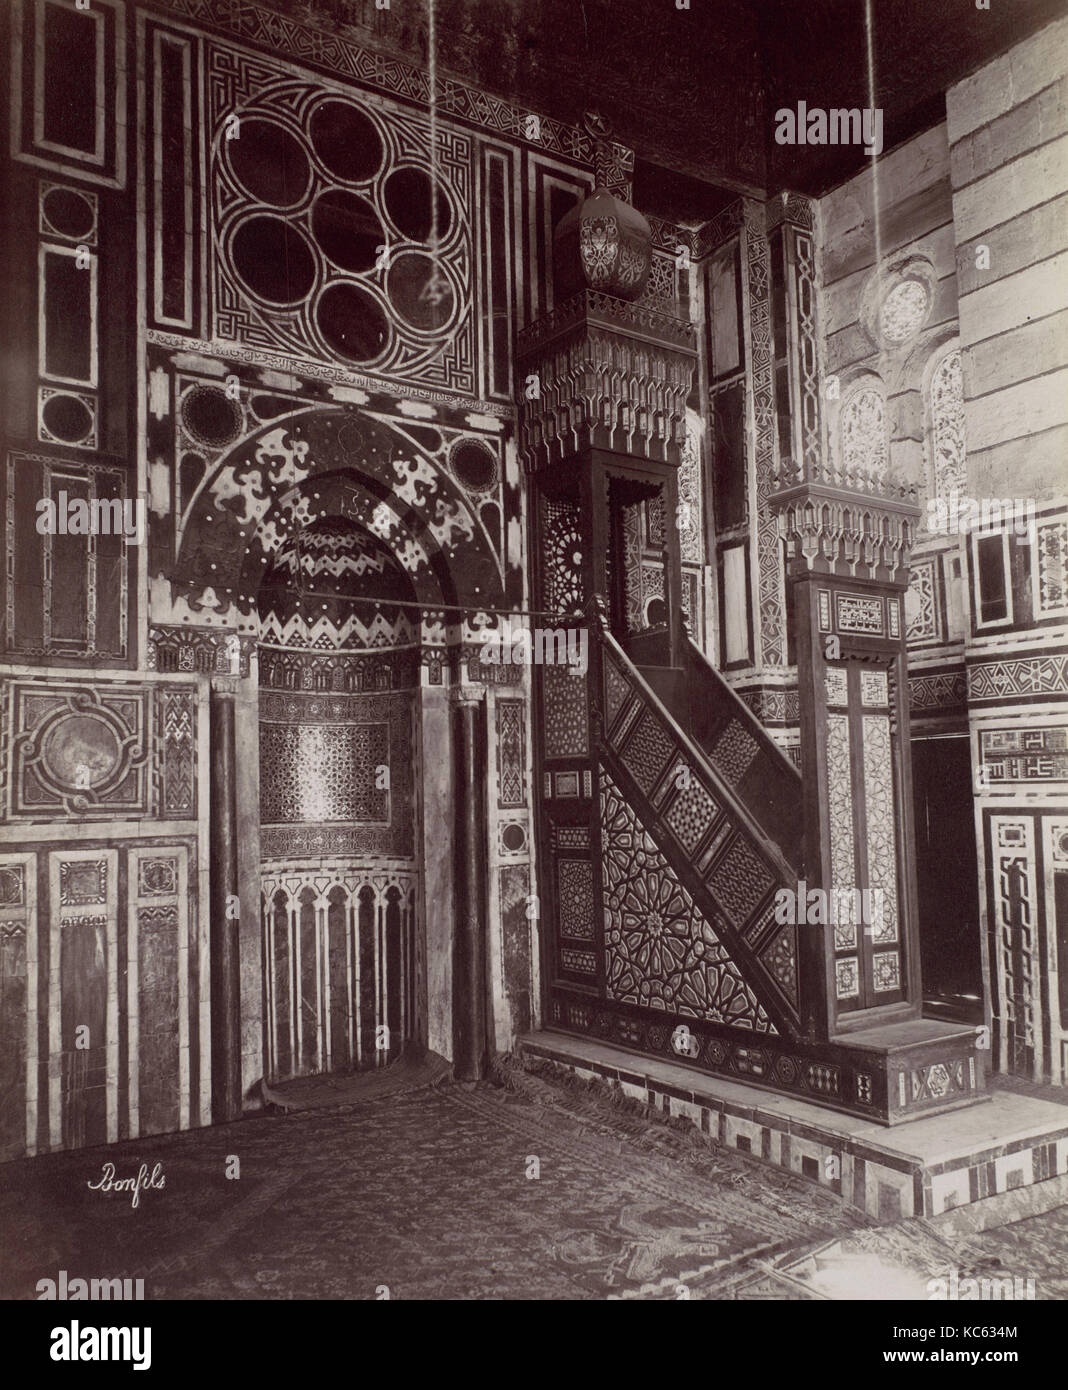 Le Caire - Intérieur de la mosquée El Bordei, Félix Bonfils, 1870 s Stockbild